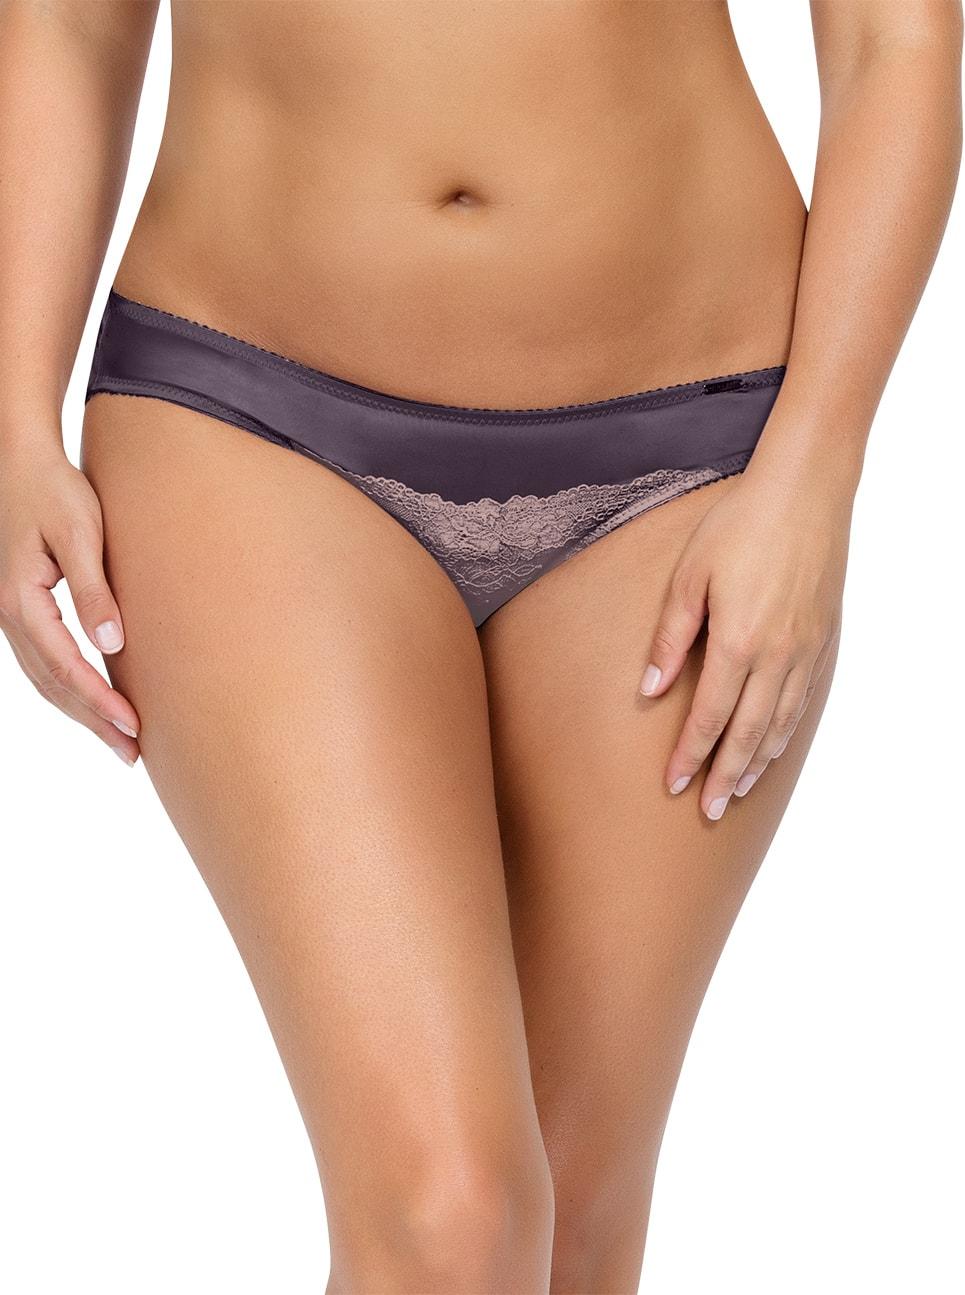 PARFAIT BikiniP5583 PlumNostalgiaRose Front - Mariela Bikini - Plum/Nostalgia Rose - P5583